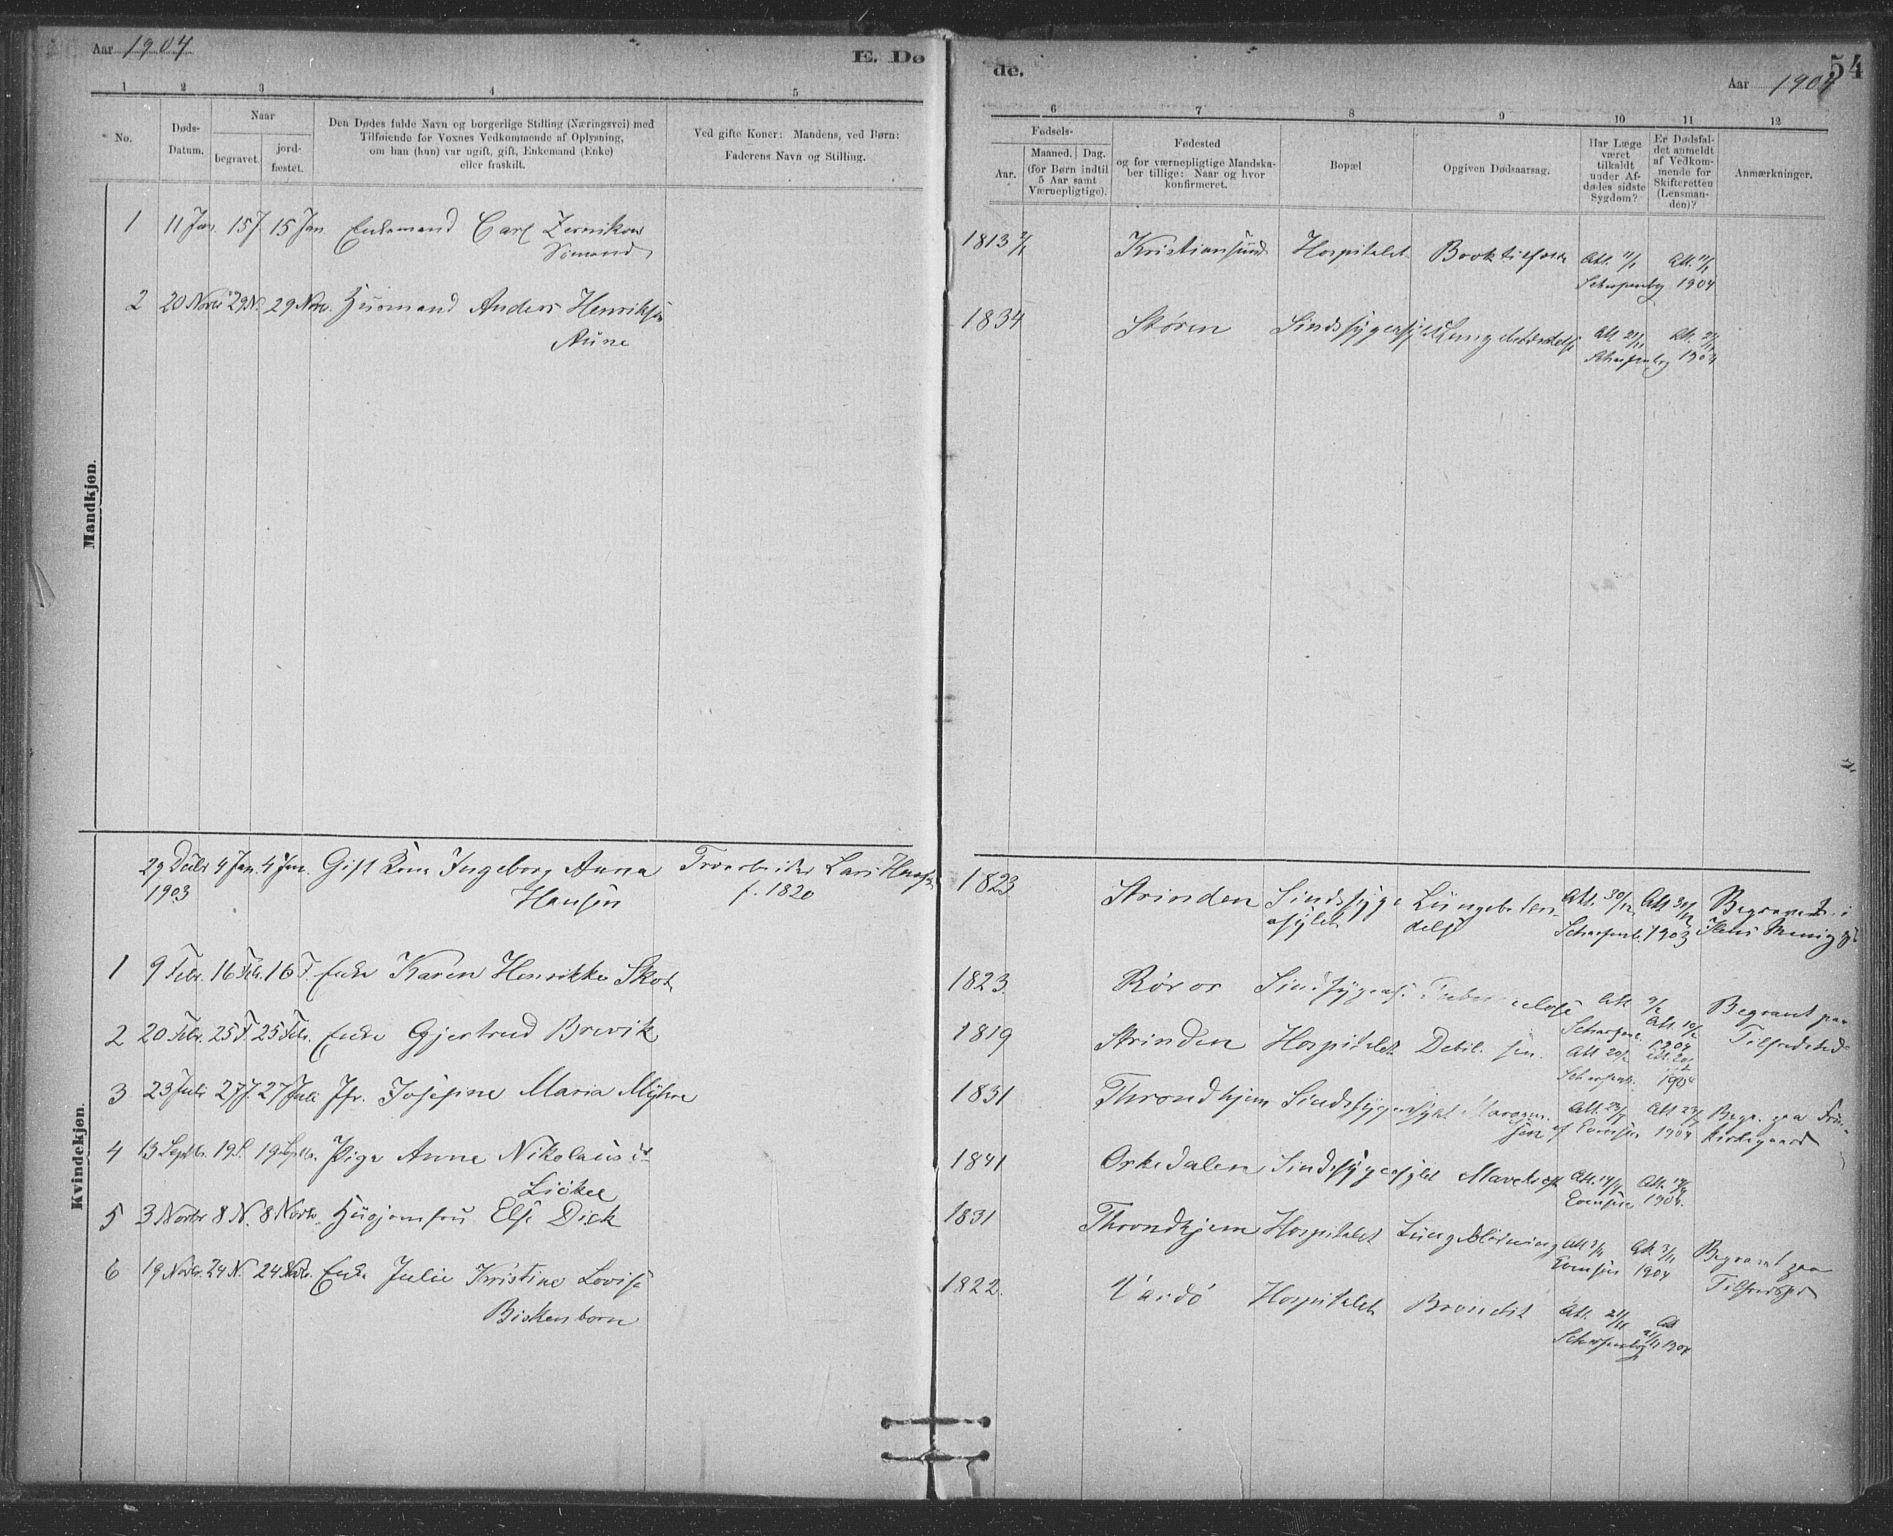 SAT, Ministerialprotokoller, klokkerbøker og fødselsregistre - Sør-Trøndelag, 623/L0470: Ministerialbok nr. 623A04, 1884-1938, s. 54